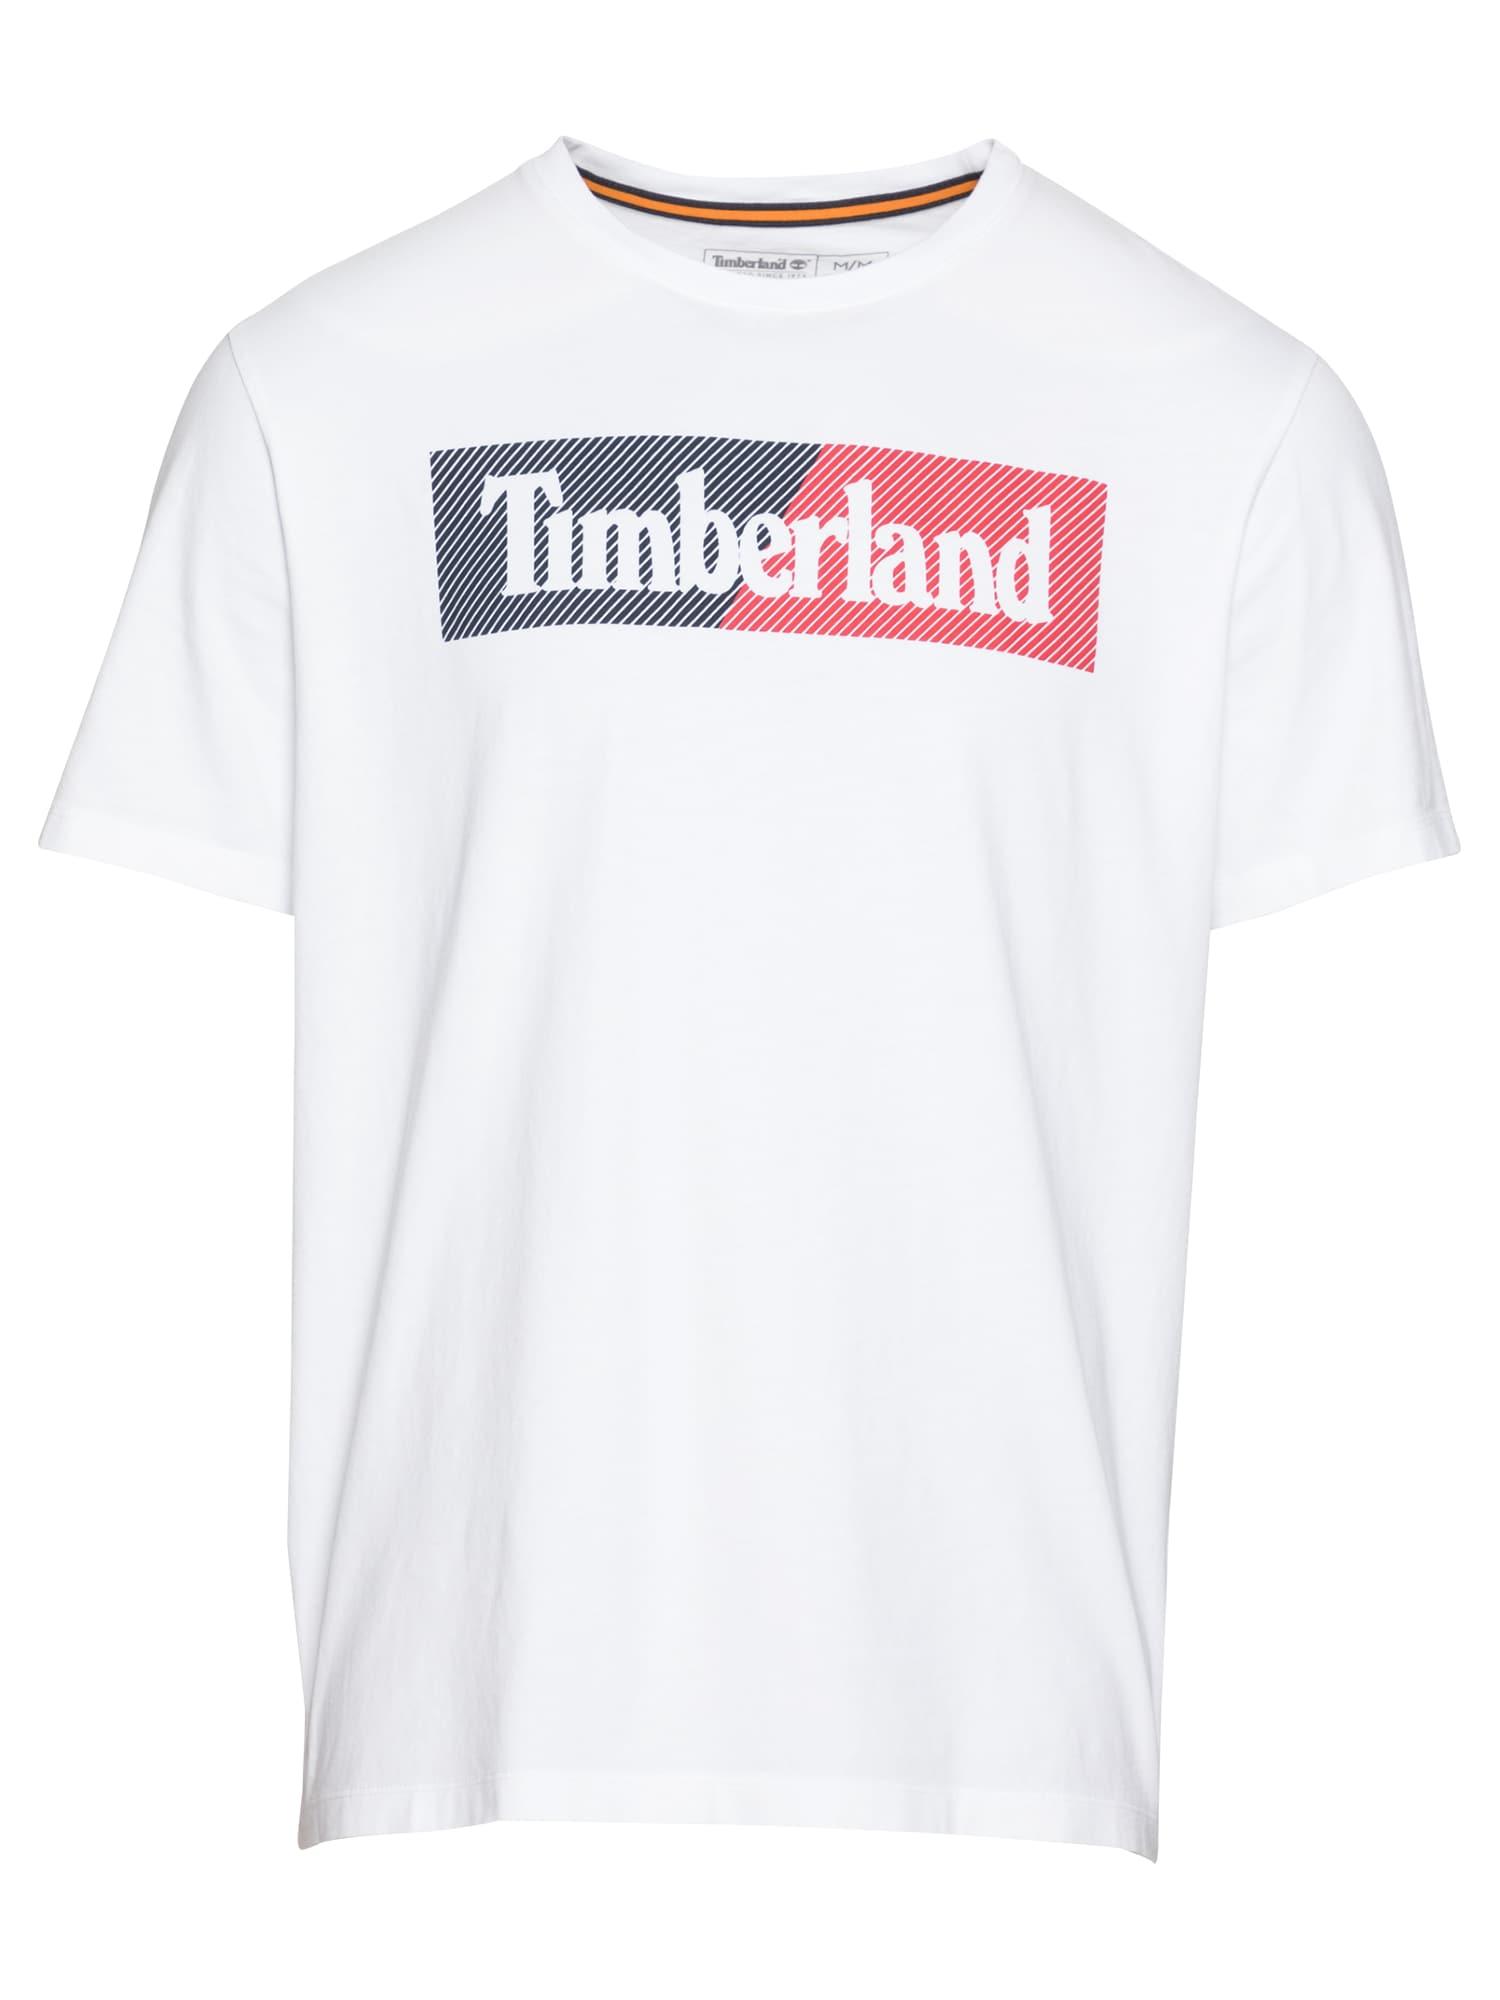 TIMBERLAND Marškinėliai balta / vyšninė spalva / tamsiai mėlyna